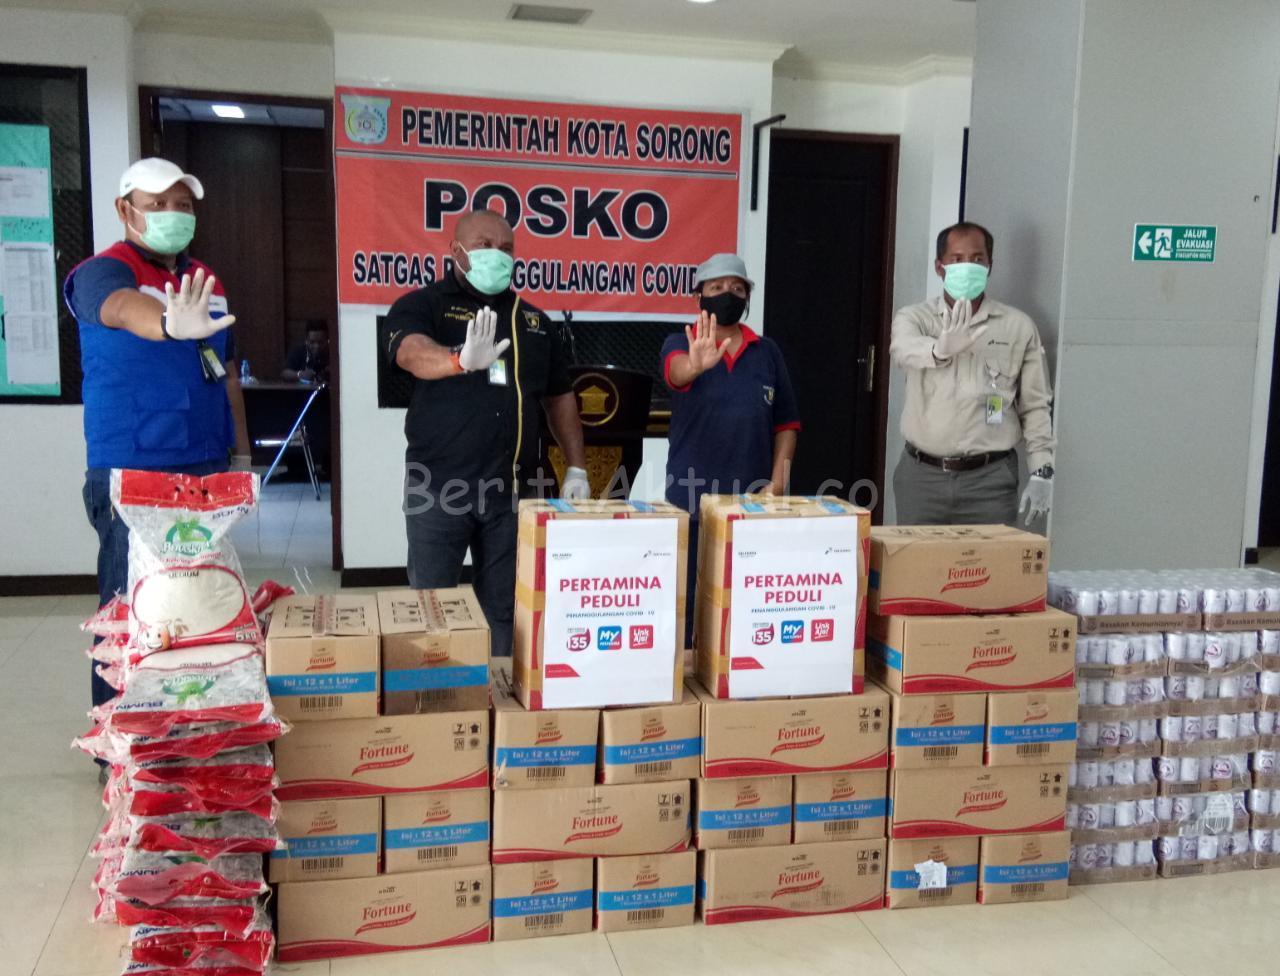 Pertamina RU VII Kasim Salurkan 2 Ton Beras Untuk Warga Kota Sorong 25 IMG 20200419 WA0012